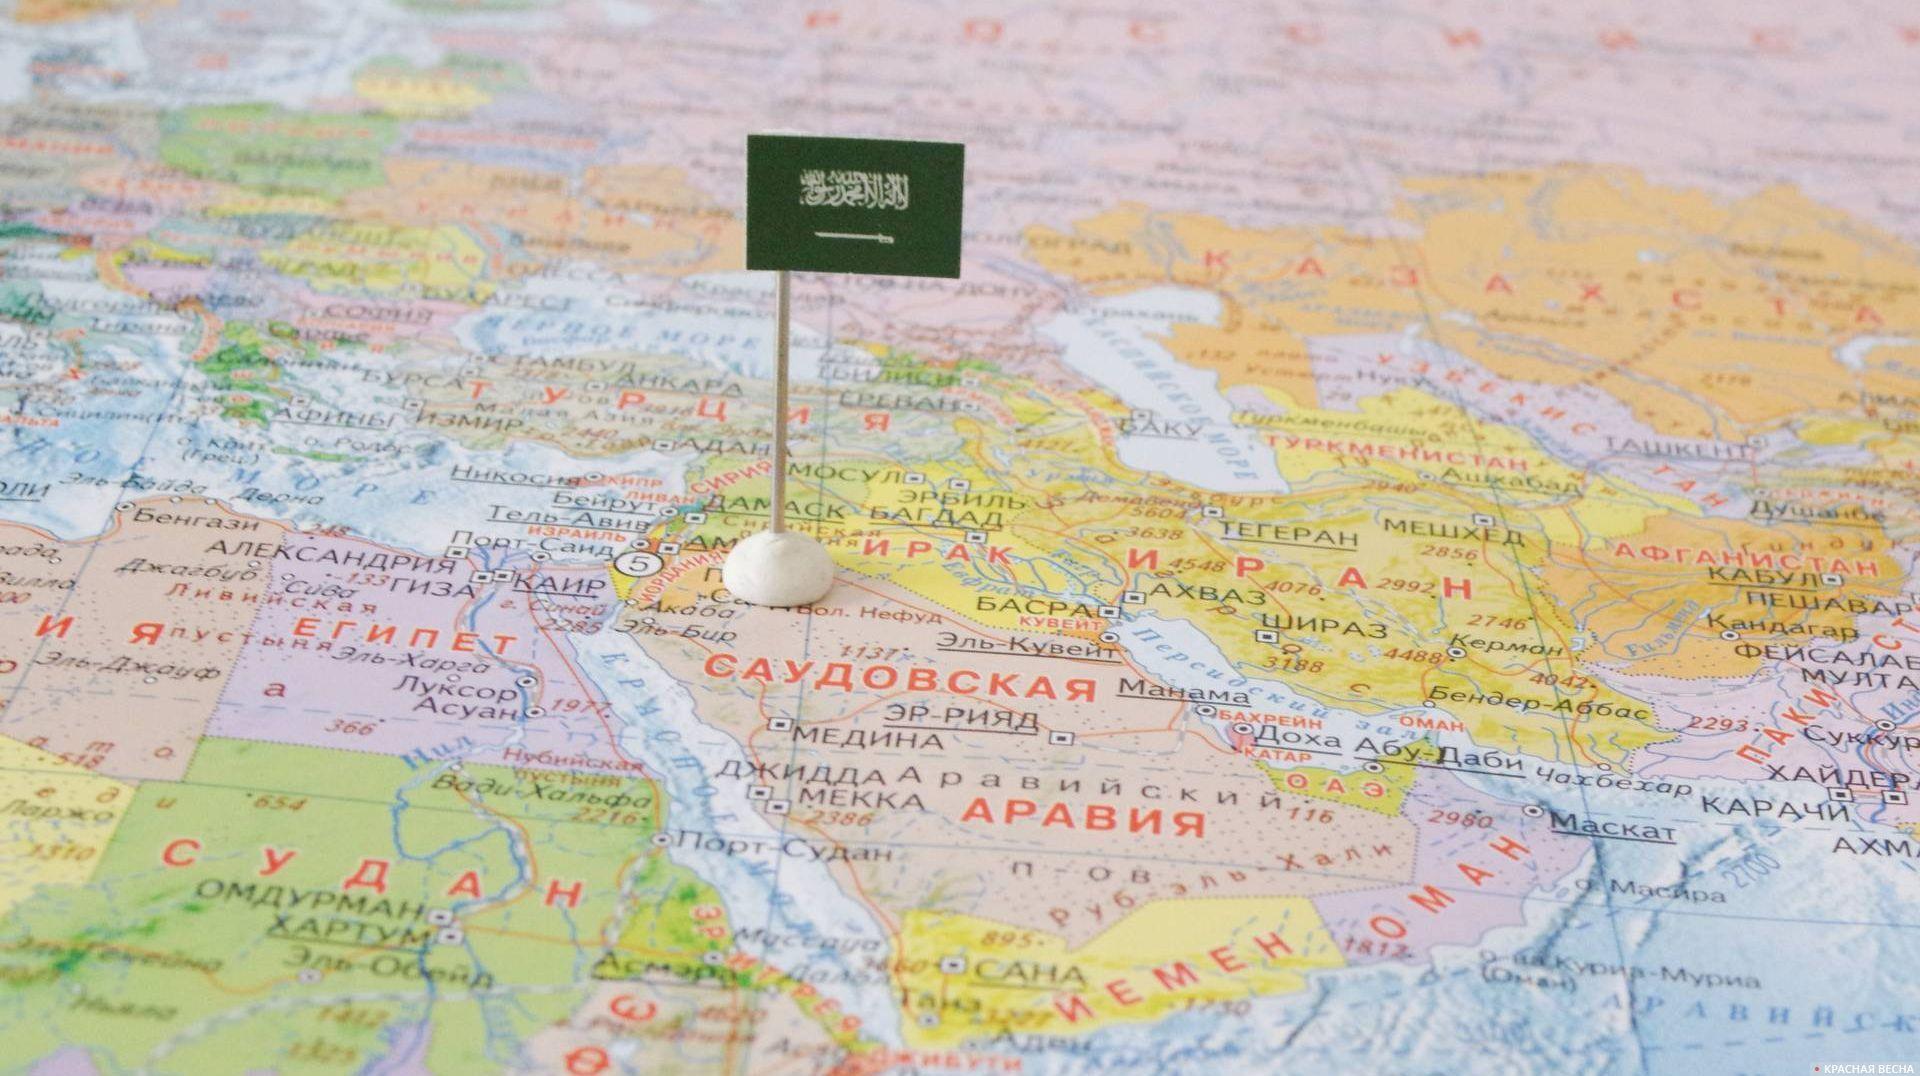 Саудовская Аравия с флагом на карте мира